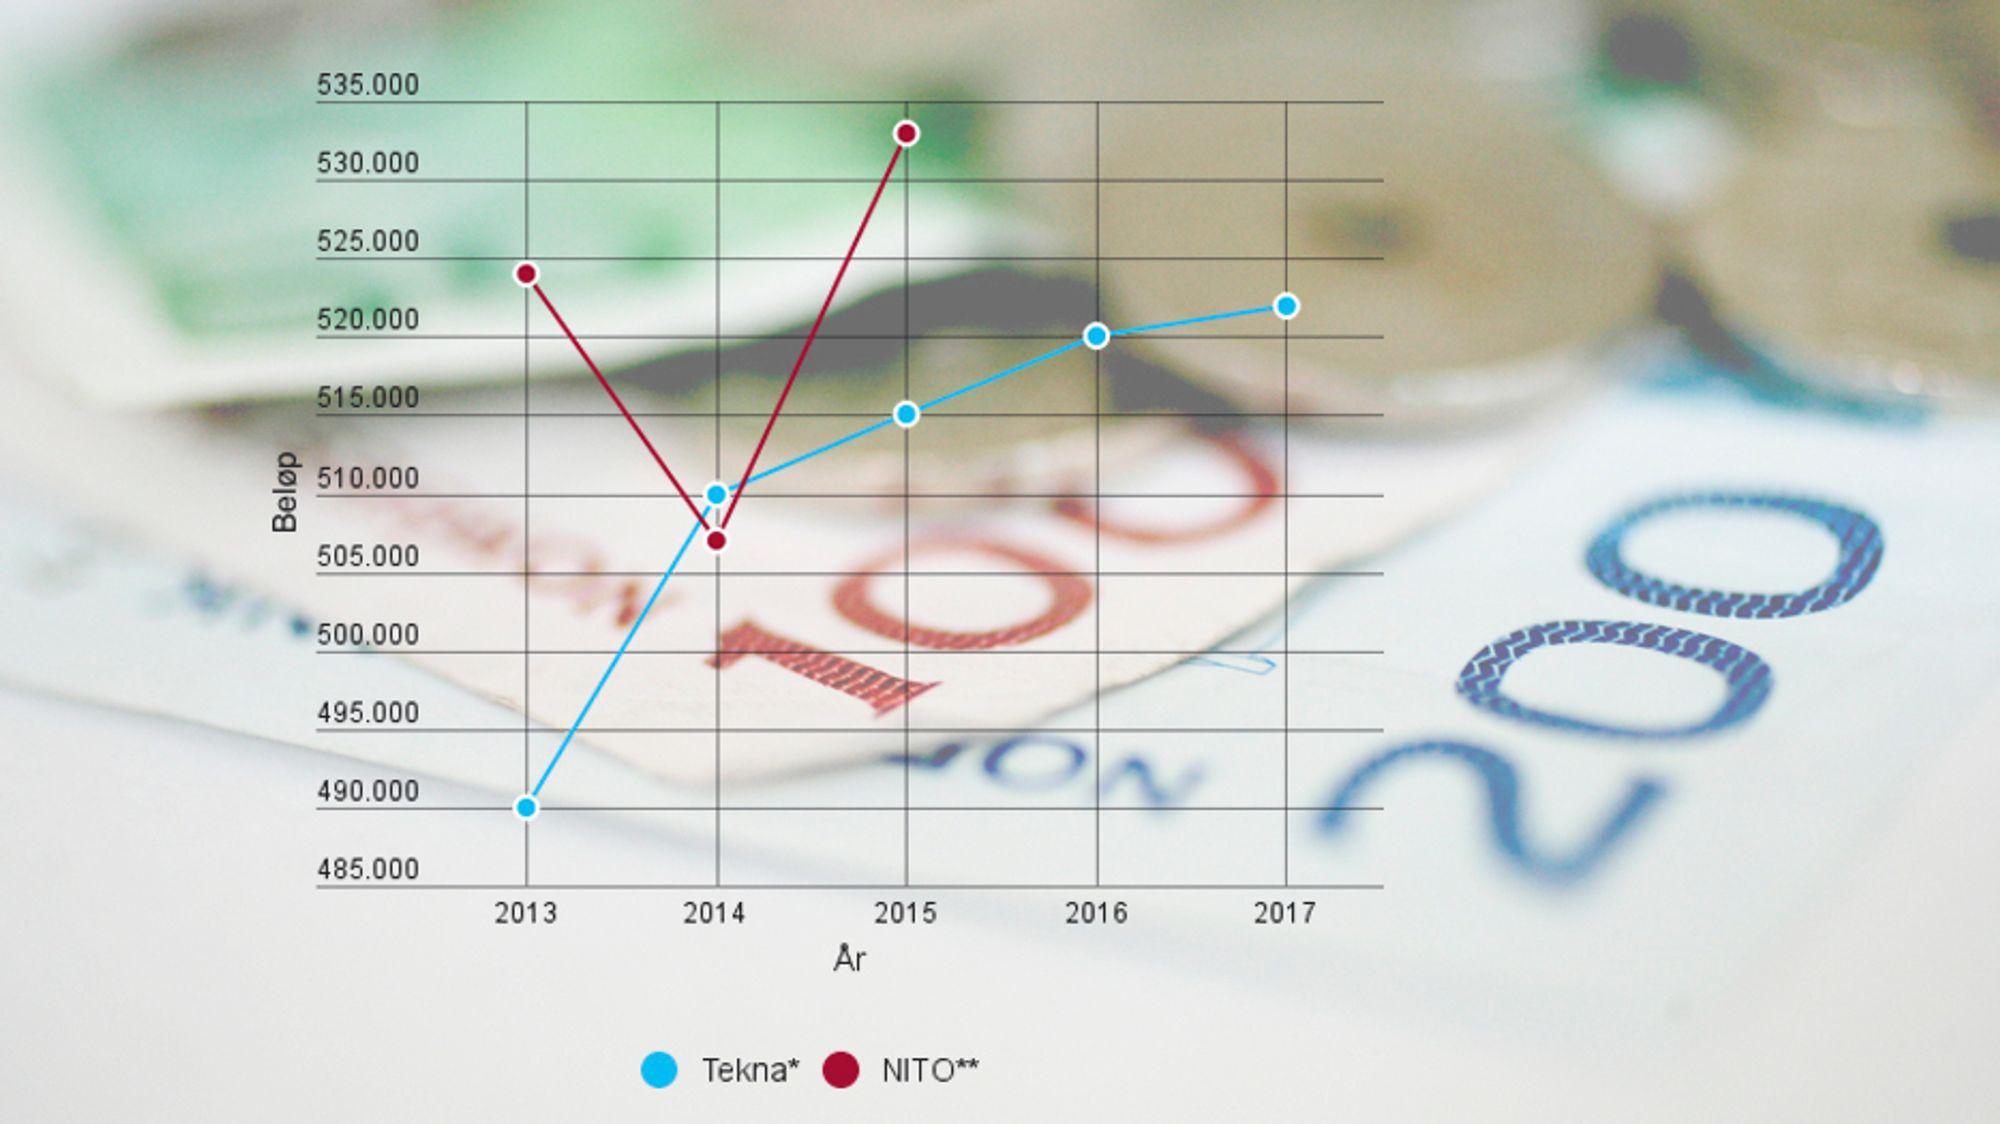 Sivilingeniørorganisasjonen Tekna setter spørsmålstegn ved NITOs tall.